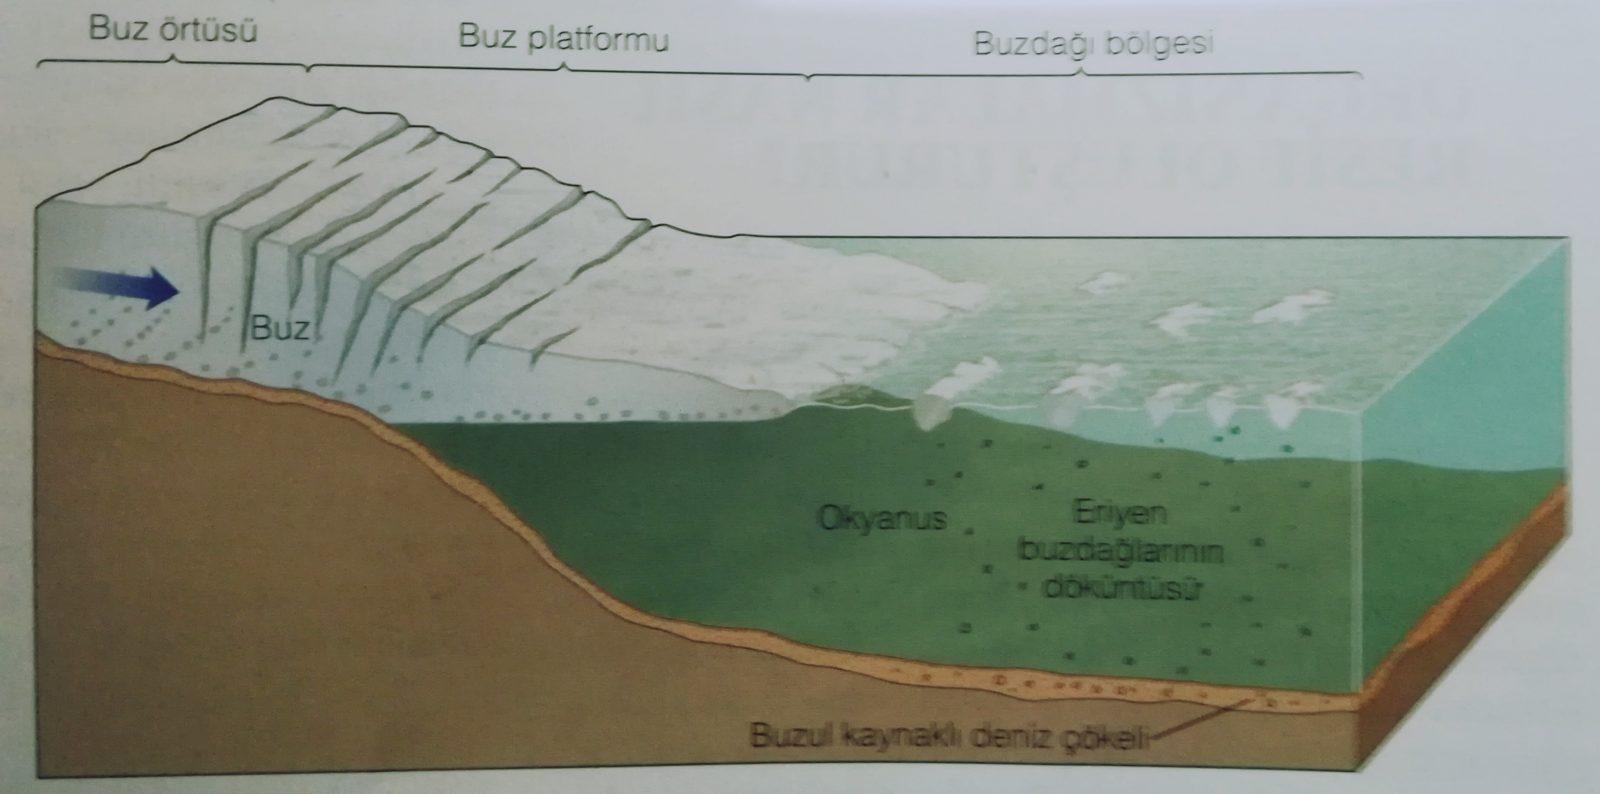 Buz kaynaklı deniz çökelleri